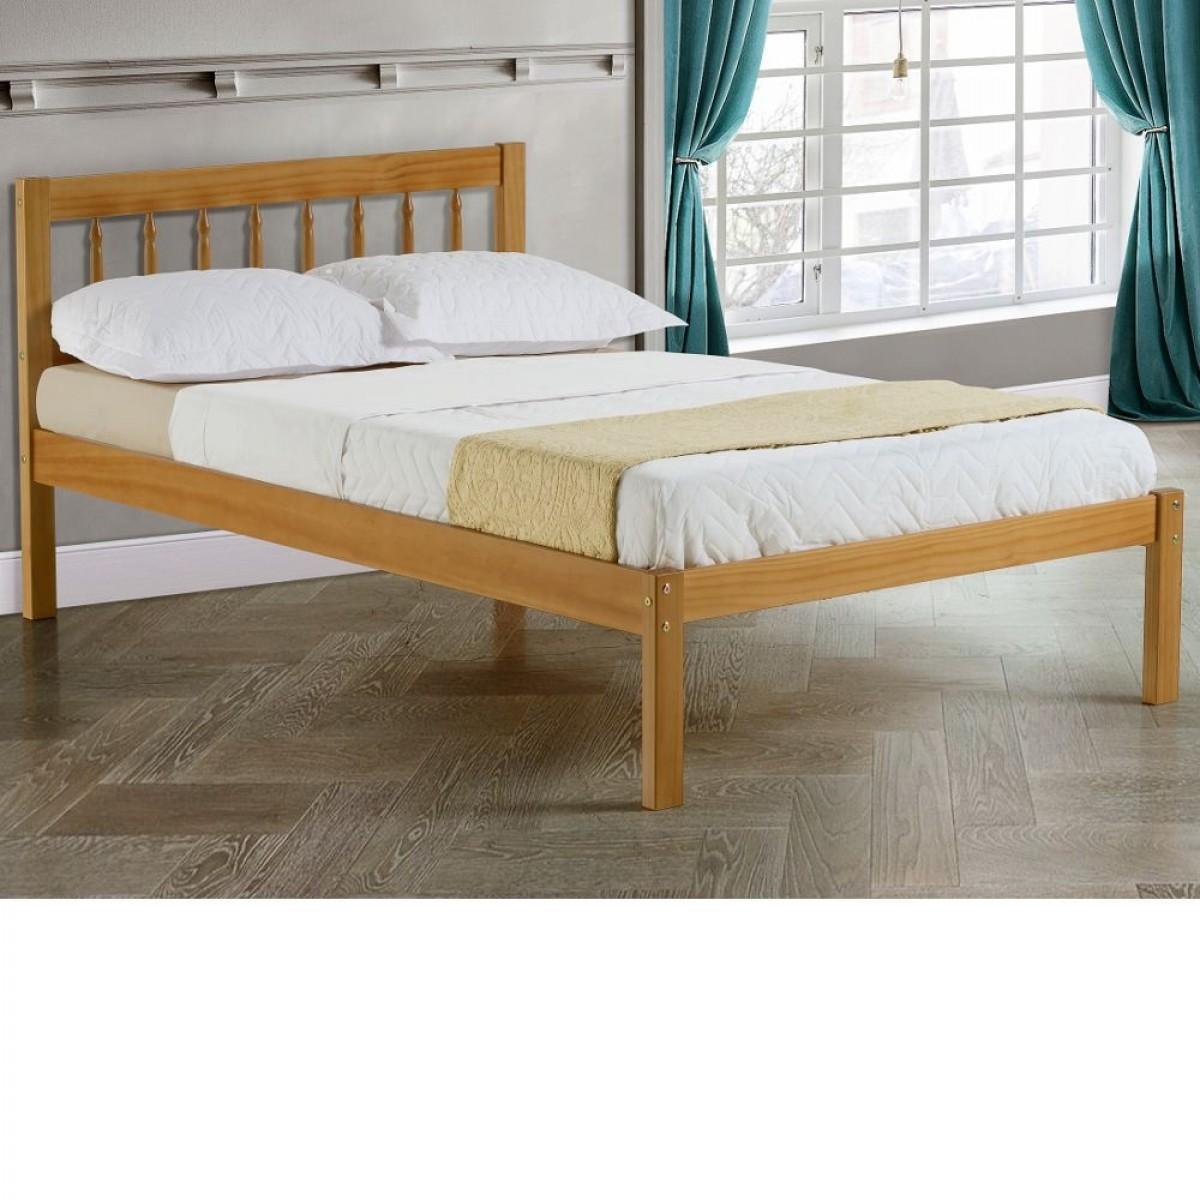 santos antique solid pine wooden bed frame 3ft single. Black Bedroom Furniture Sets. Home Design Ideas